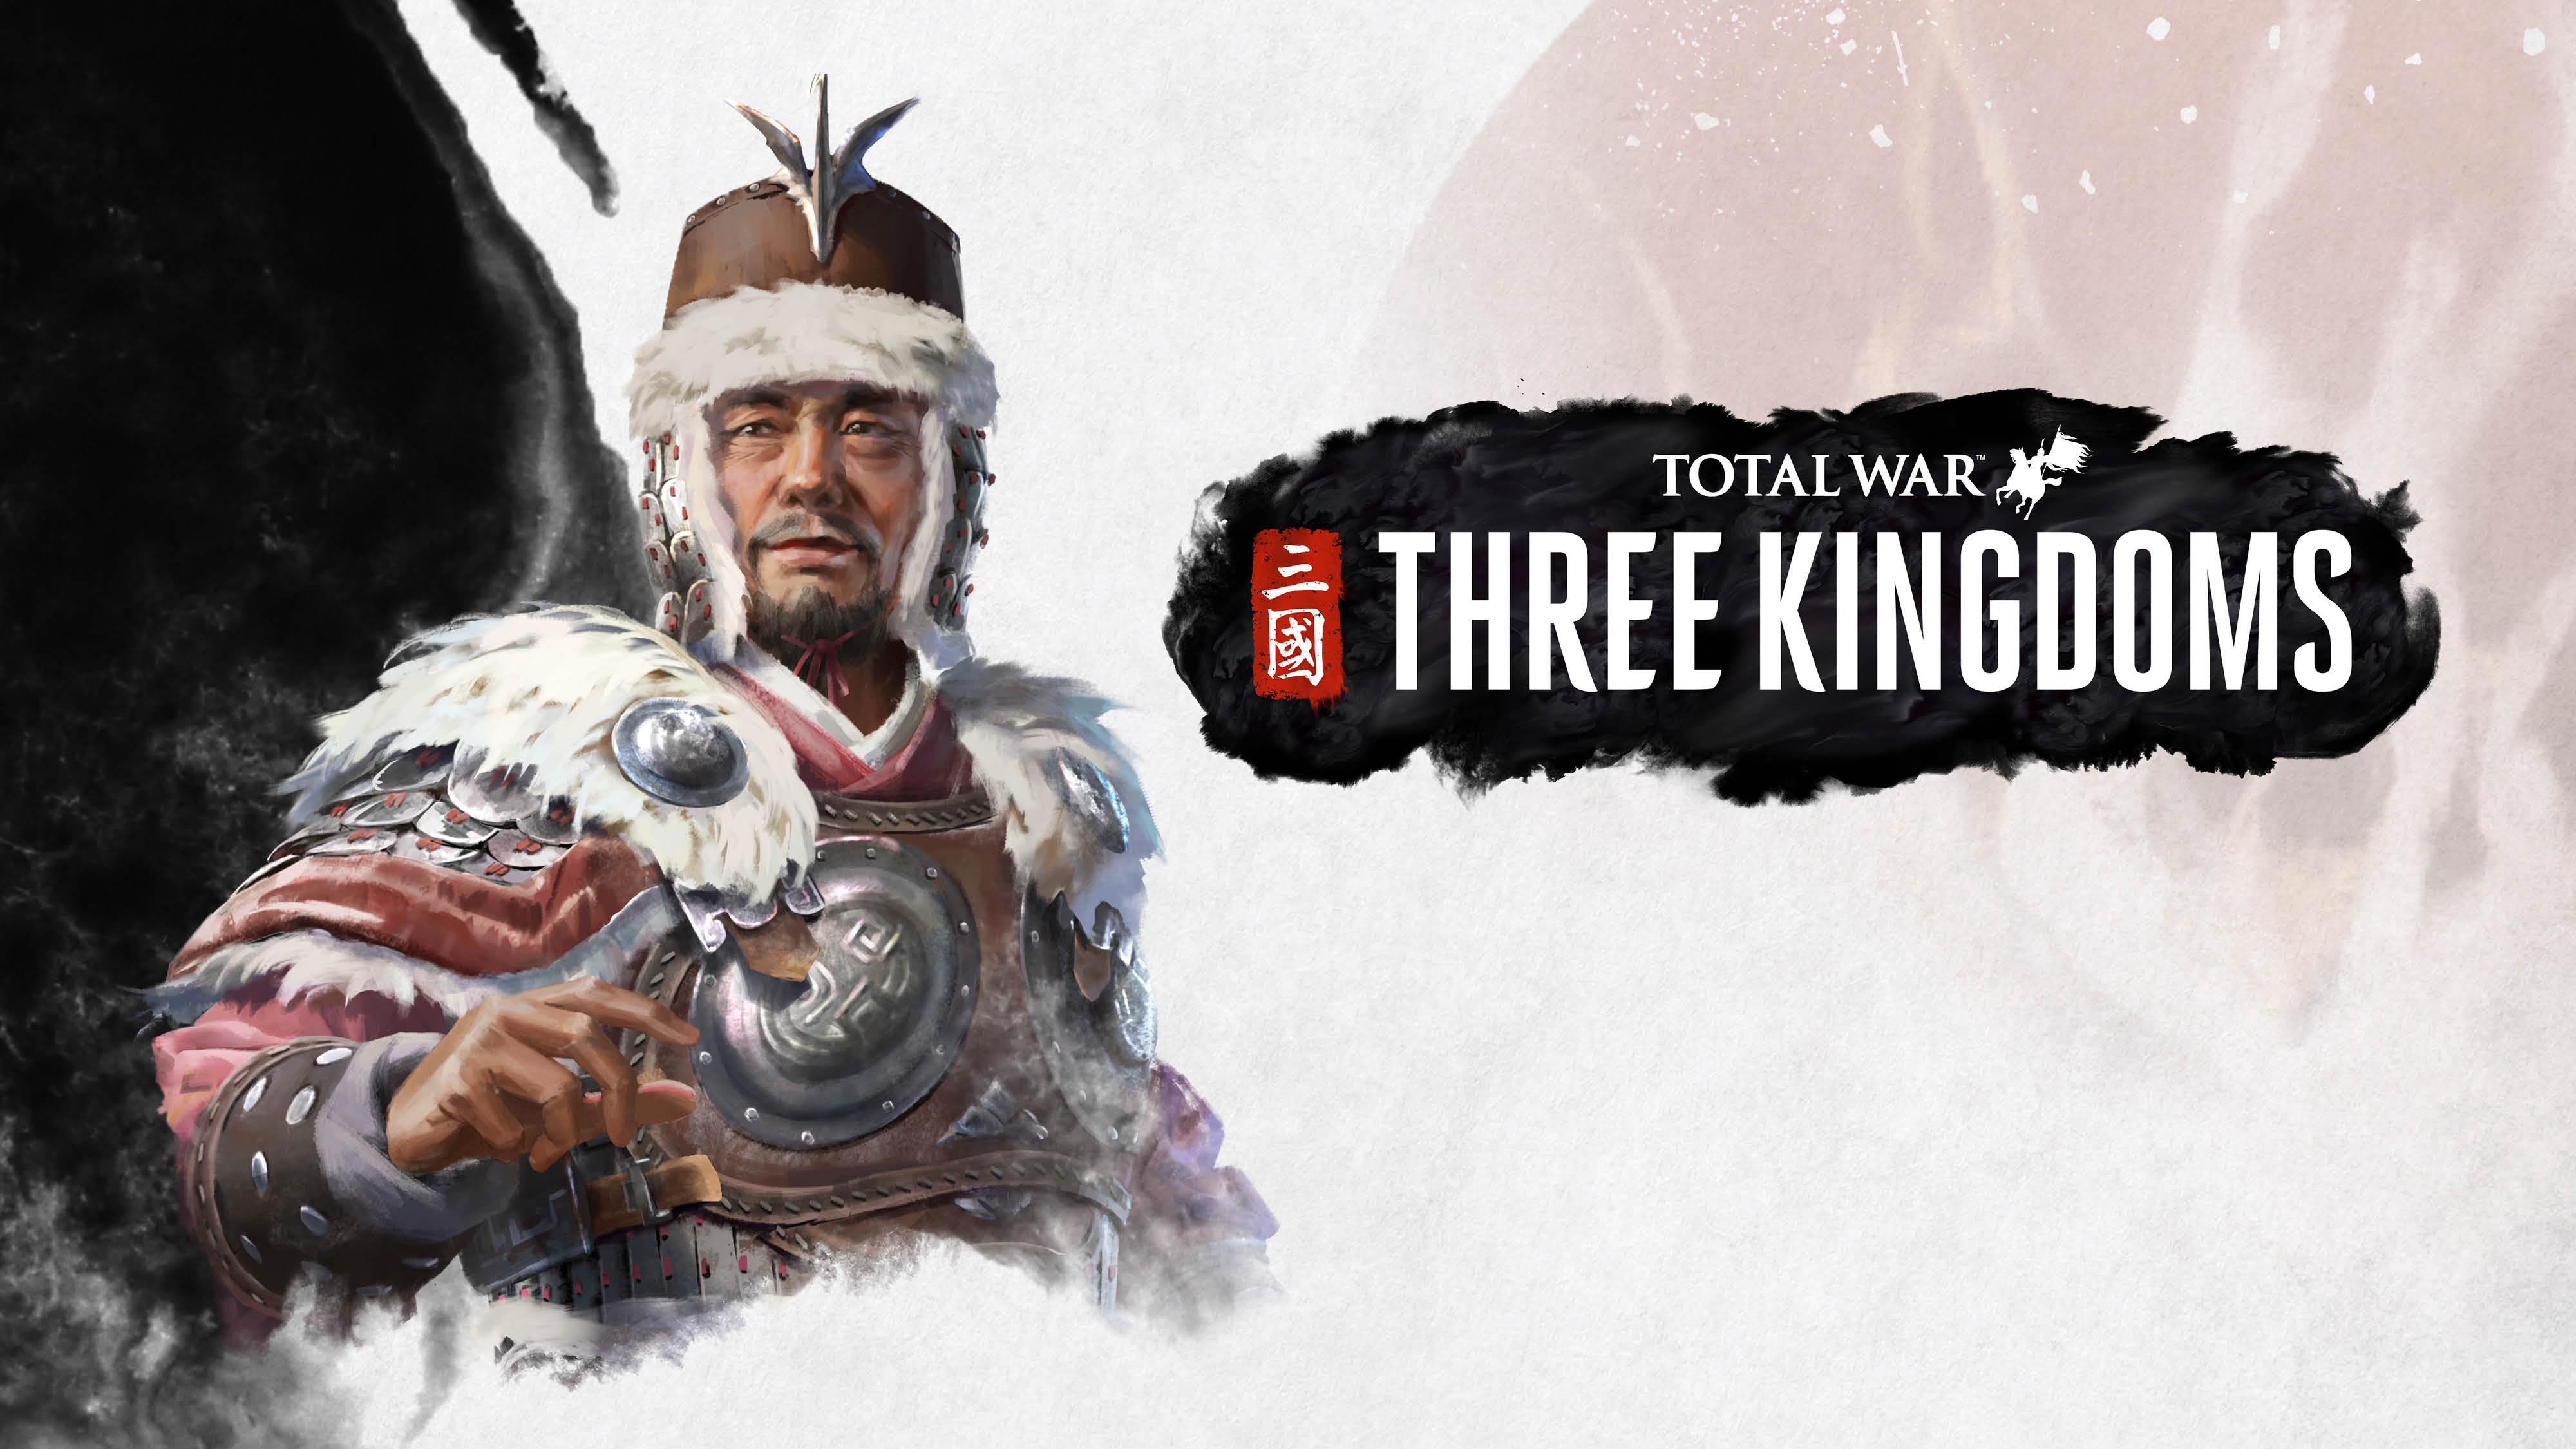 total war three kingdoms warlord legends ma teng total war